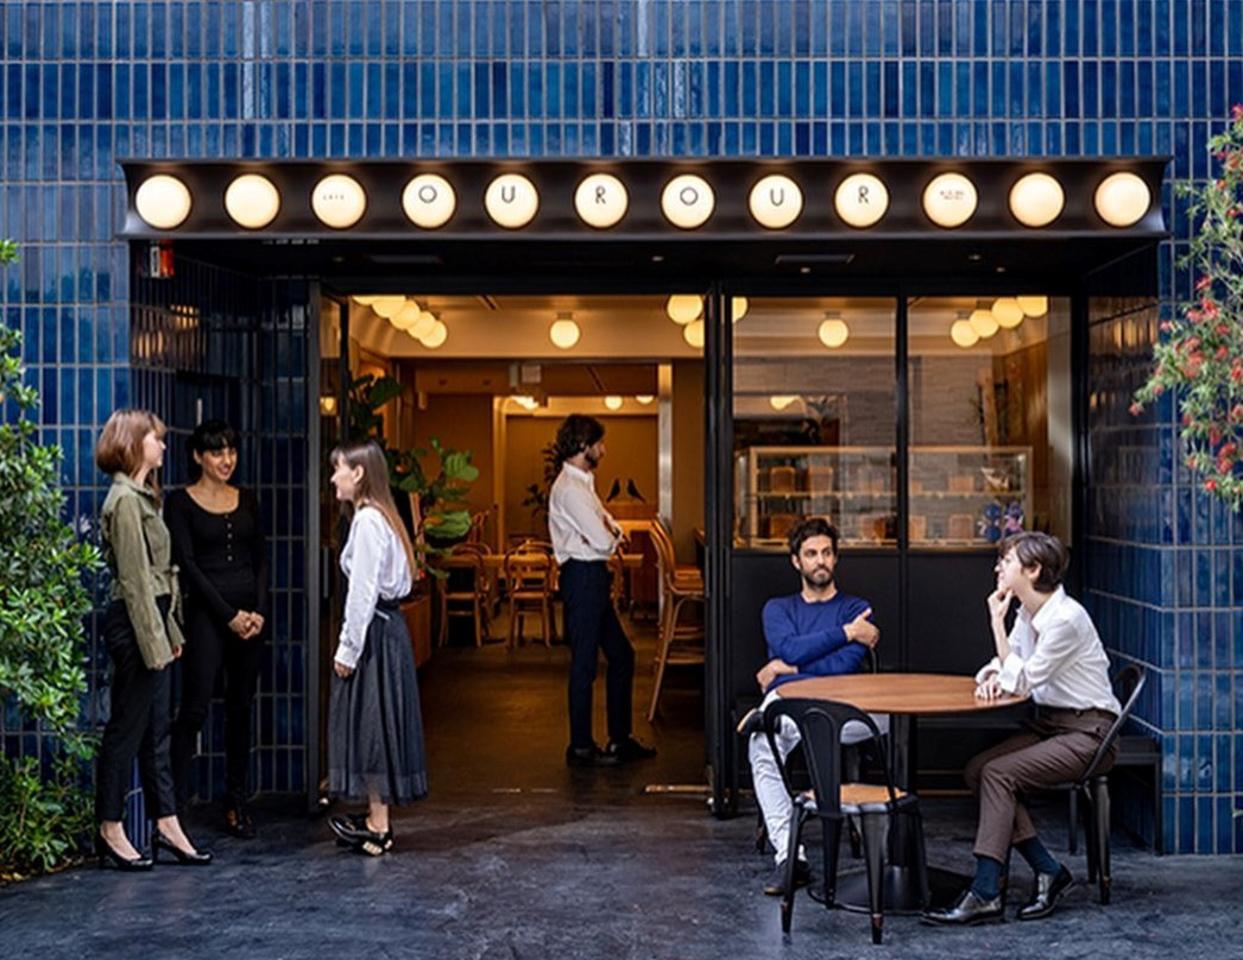 過ごしたい時を過ごせる場所...東京都台東区柳橋2丁目にカフェ&ミニマルホテル「アゥア」オープン